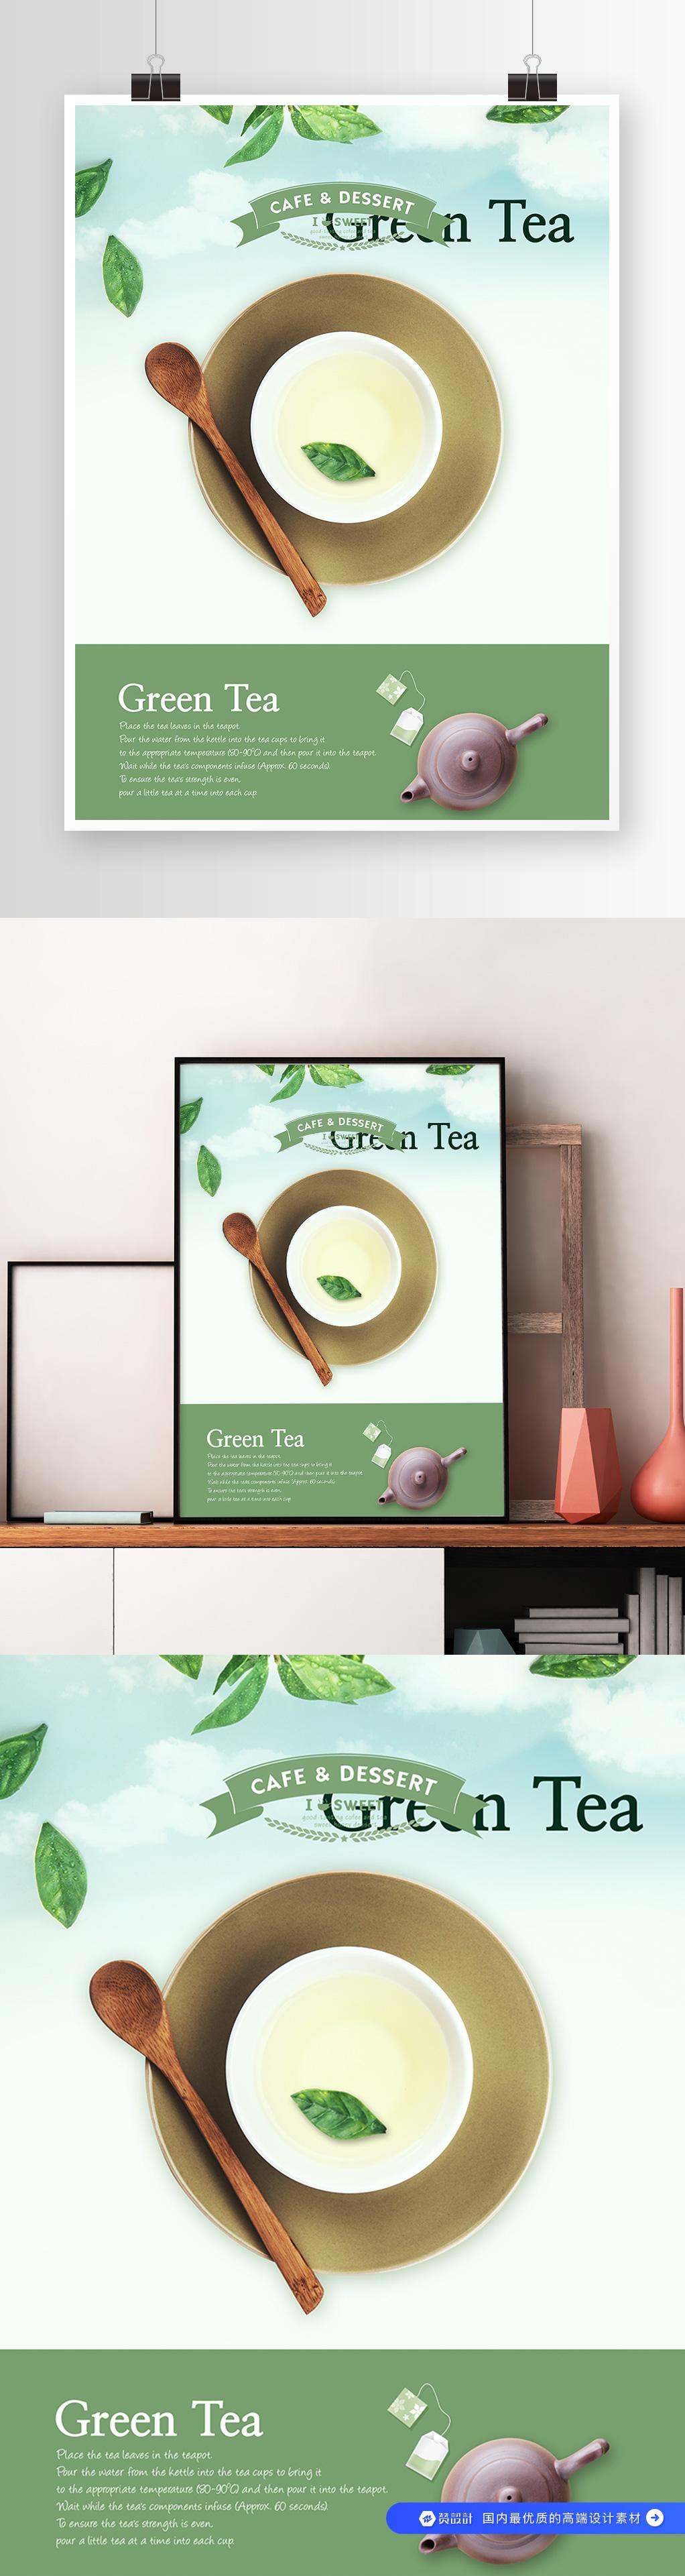 简约小清新绿茶饮品绿色食品海报素材 (2)